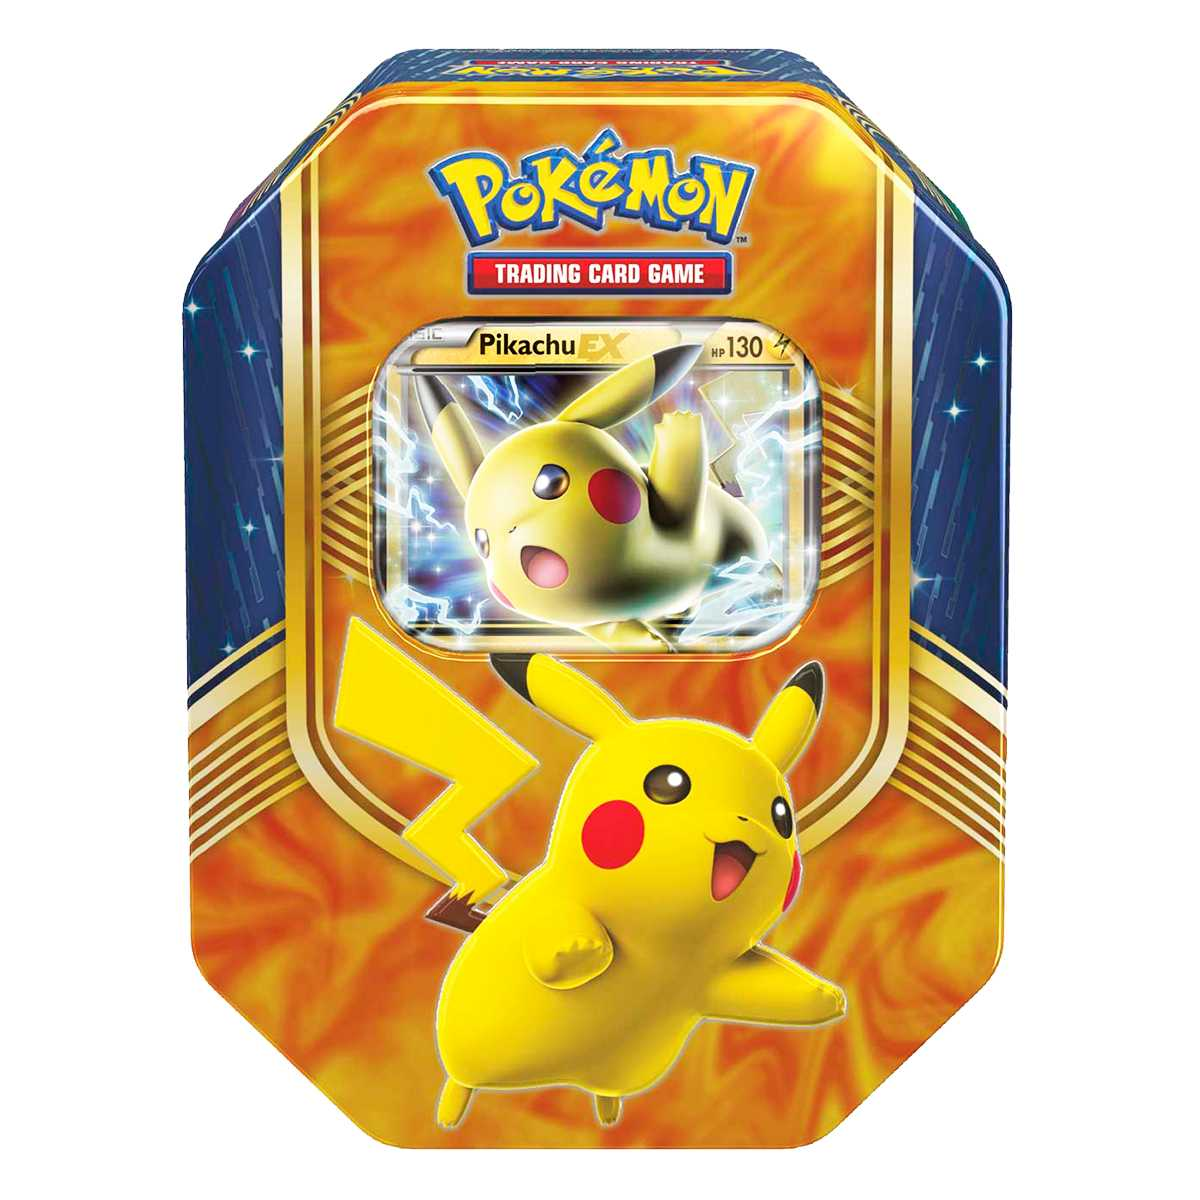 Pokemon Sol e Lua Lata Batalha de Coração Pikachu EX